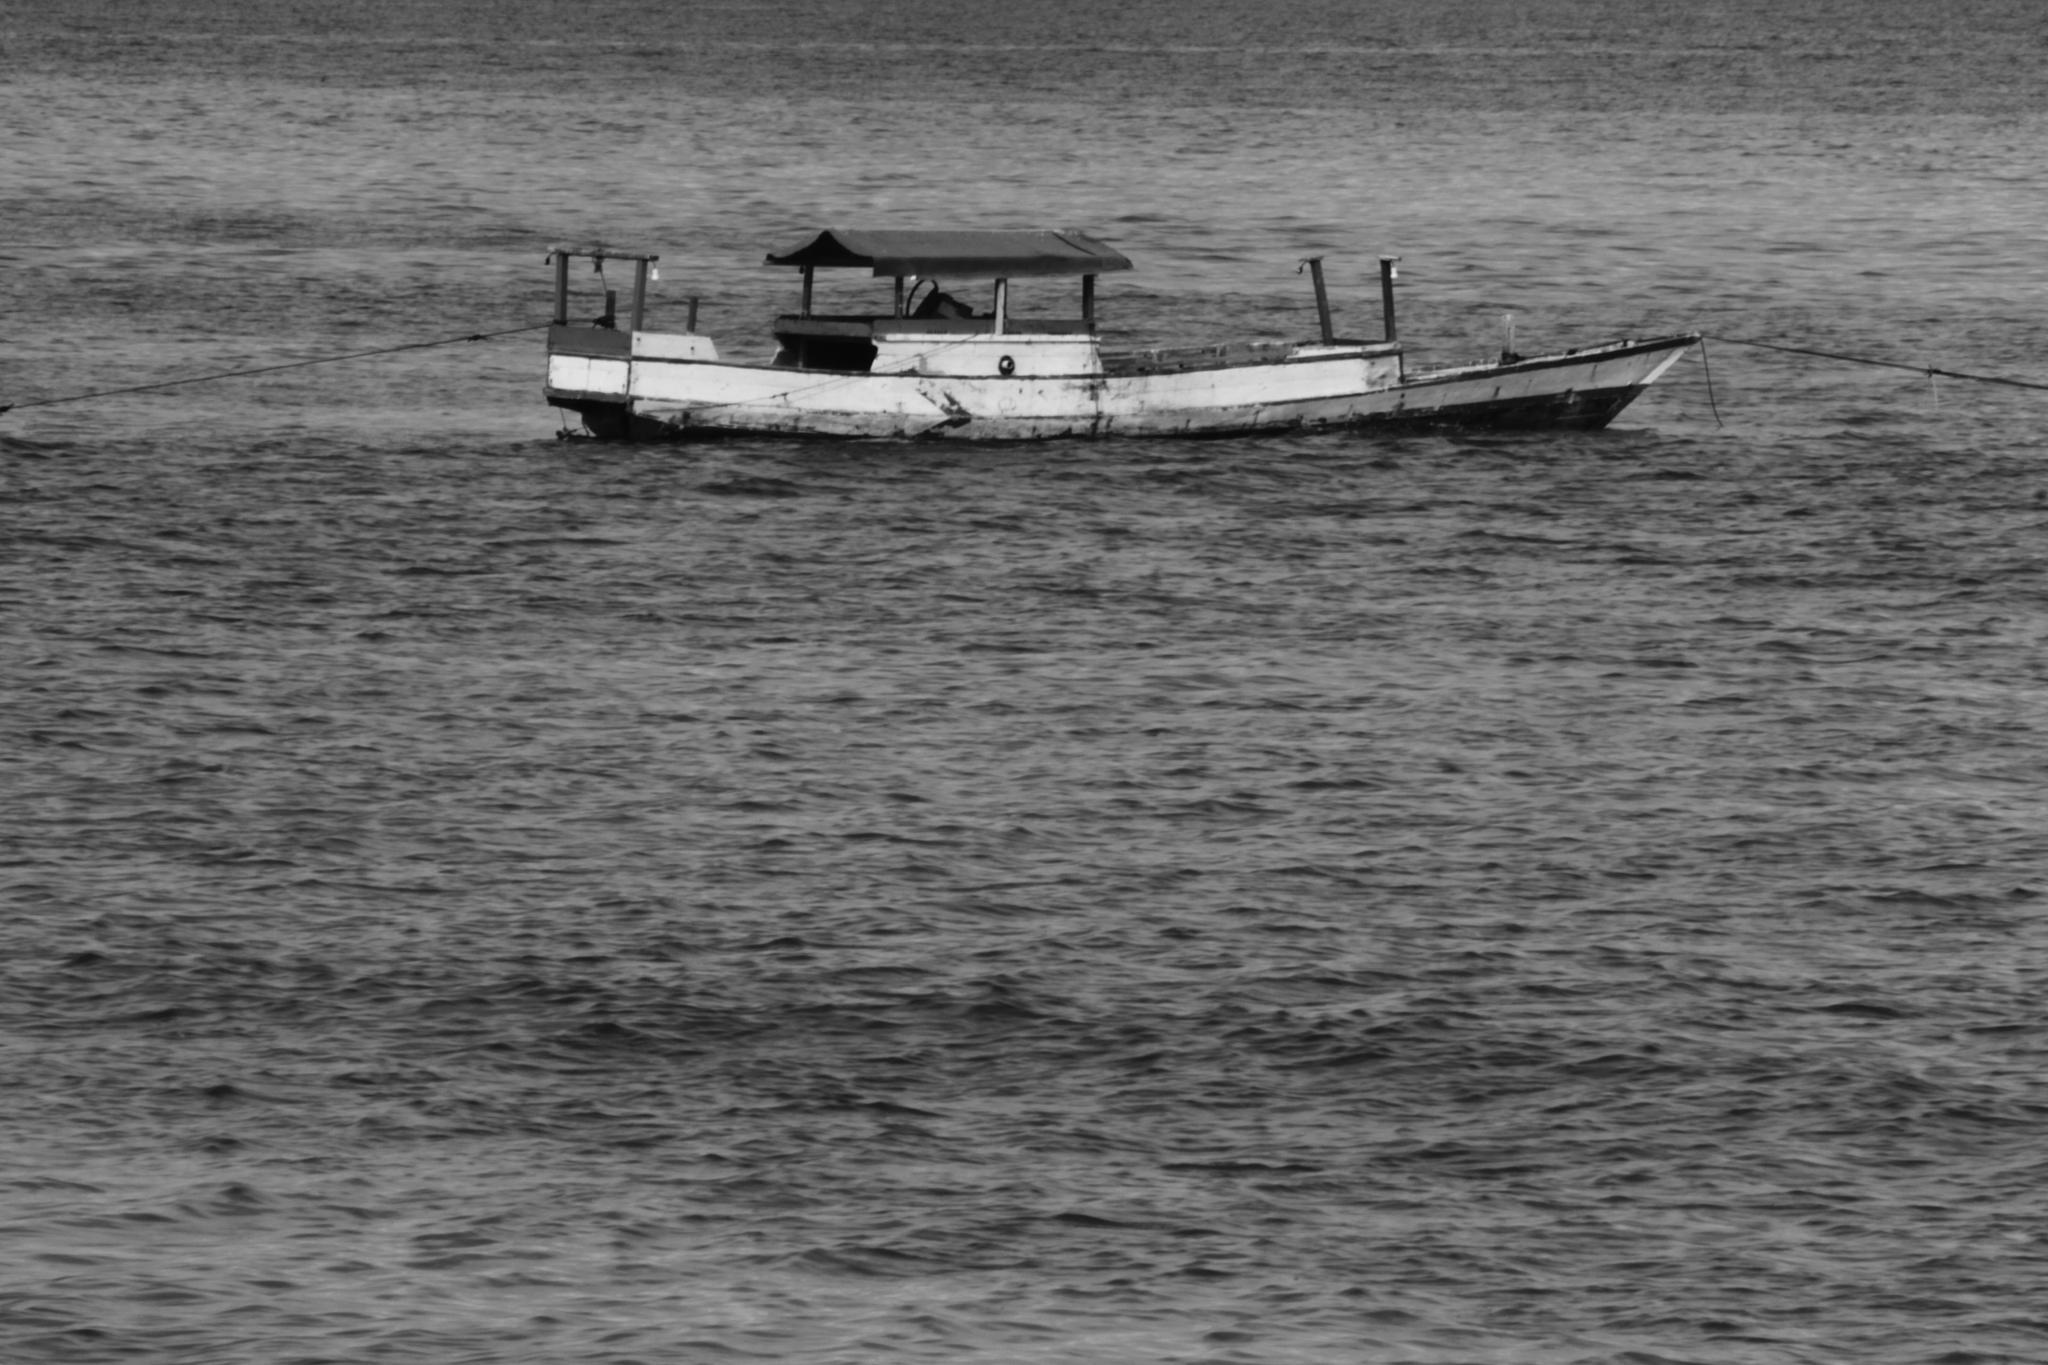 Ship by ElyasFhaidsLena